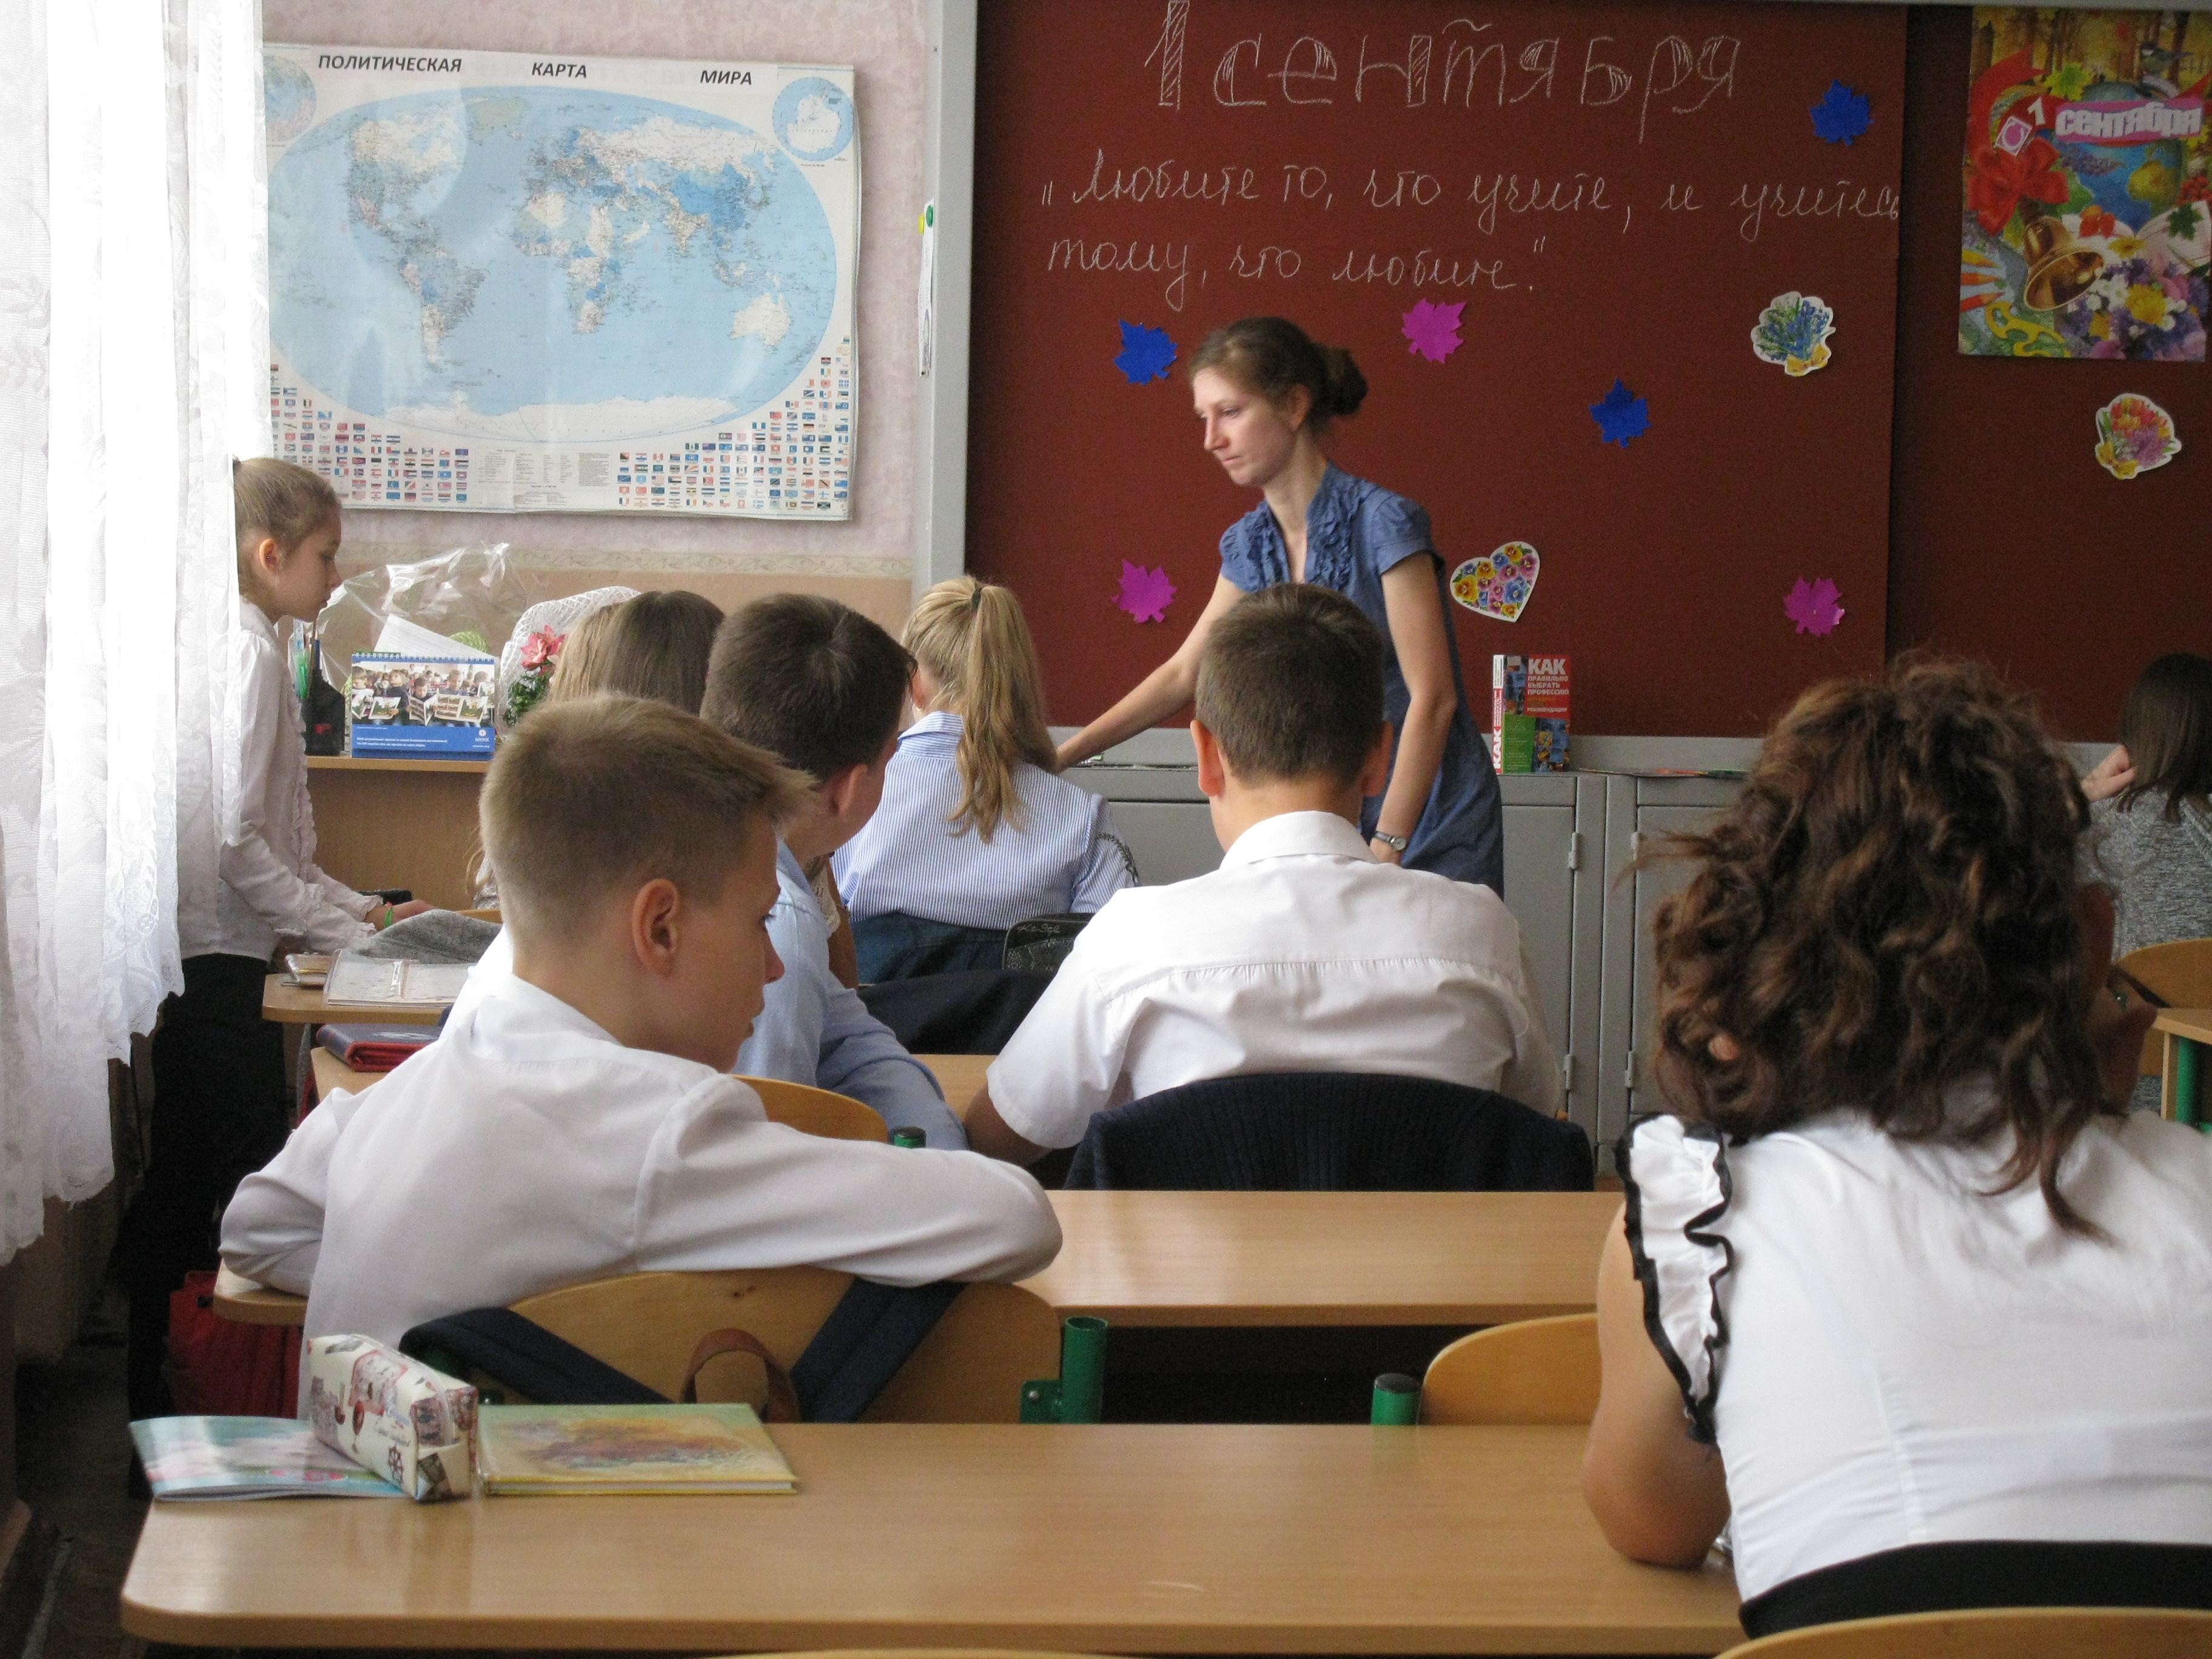 день знаний, донецкая республиканская библиотека для детей, отдел обслуживания учащихся 5-9 классов, люби то что учишь учи то что любишь